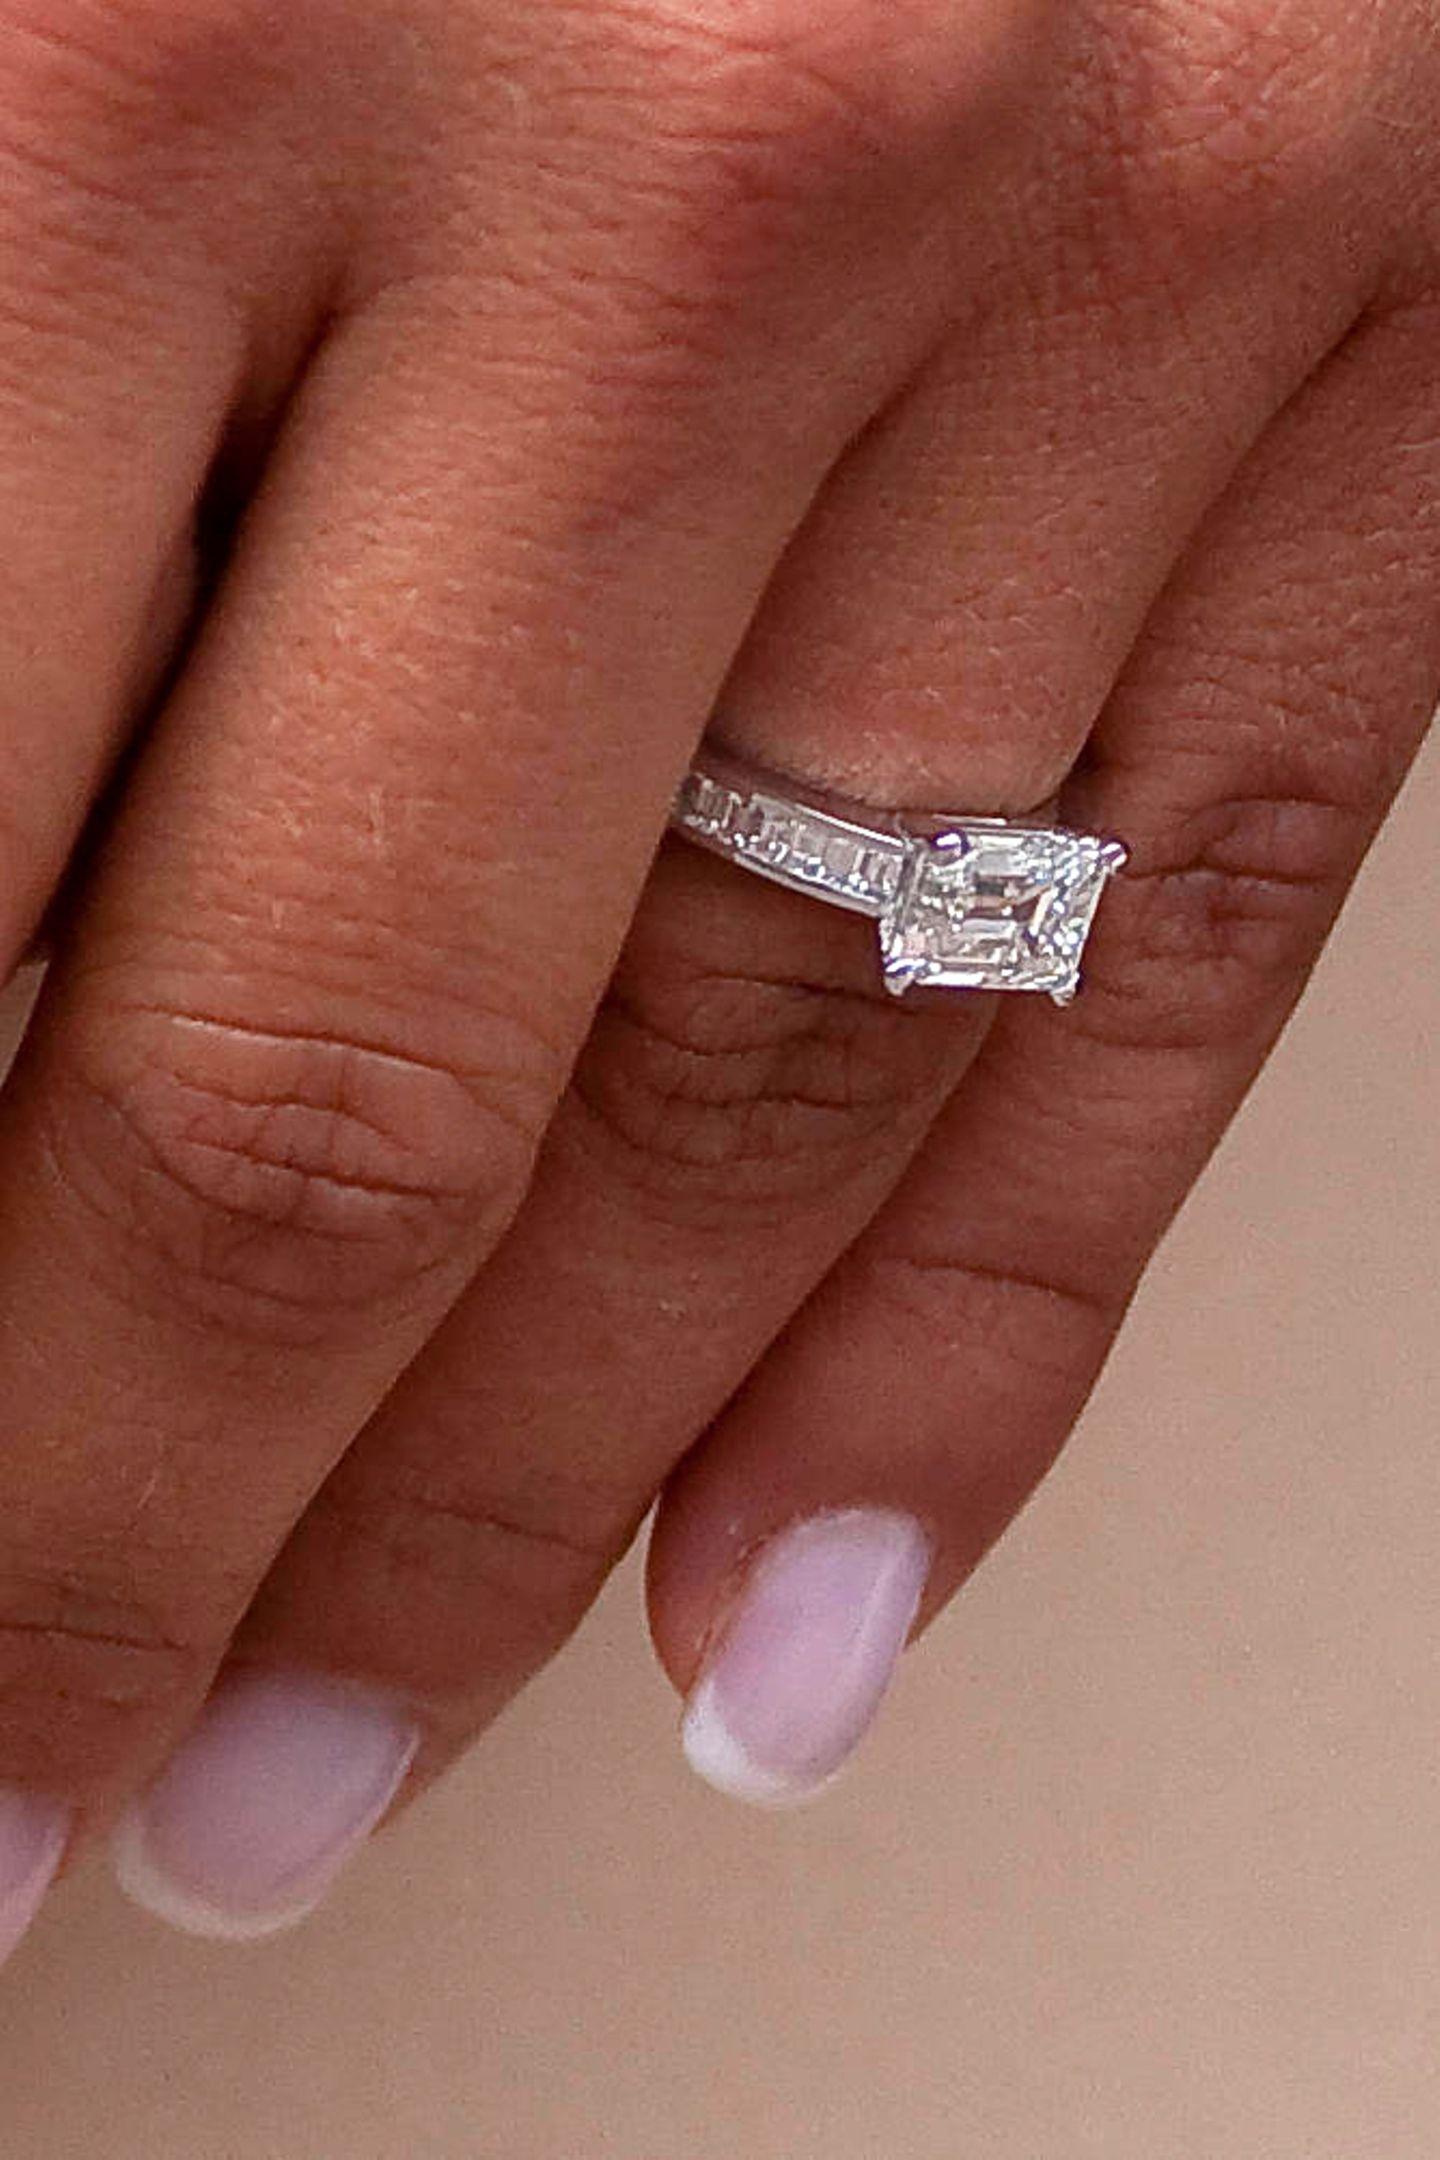 Im April 2010 wird die Verlobung von Madeleine und Jonas aufgrund einer Affäre seinerseits offiziell gelöst. Der schöne mit Diamanten besetzte Verlobungsring ist dann nicht mehr am Ringfinger der Prinzessin zu finden.